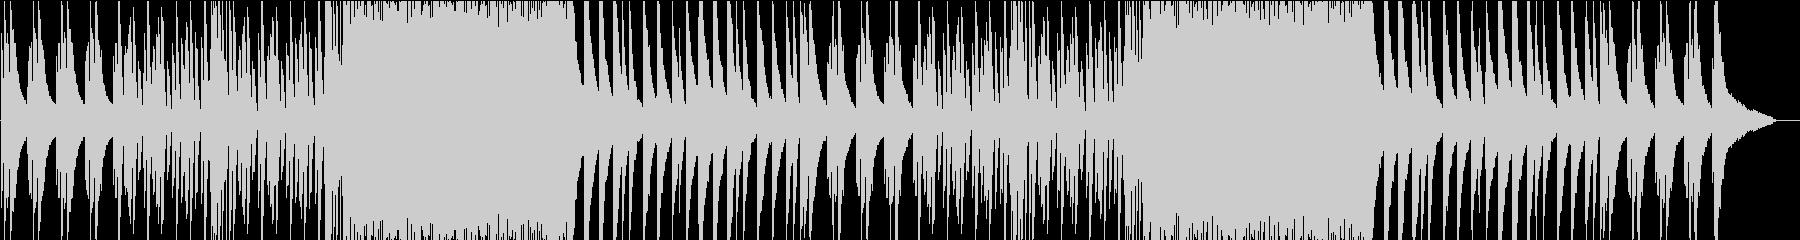 お洒落でジャジーなピアノBGMの未再生の波形